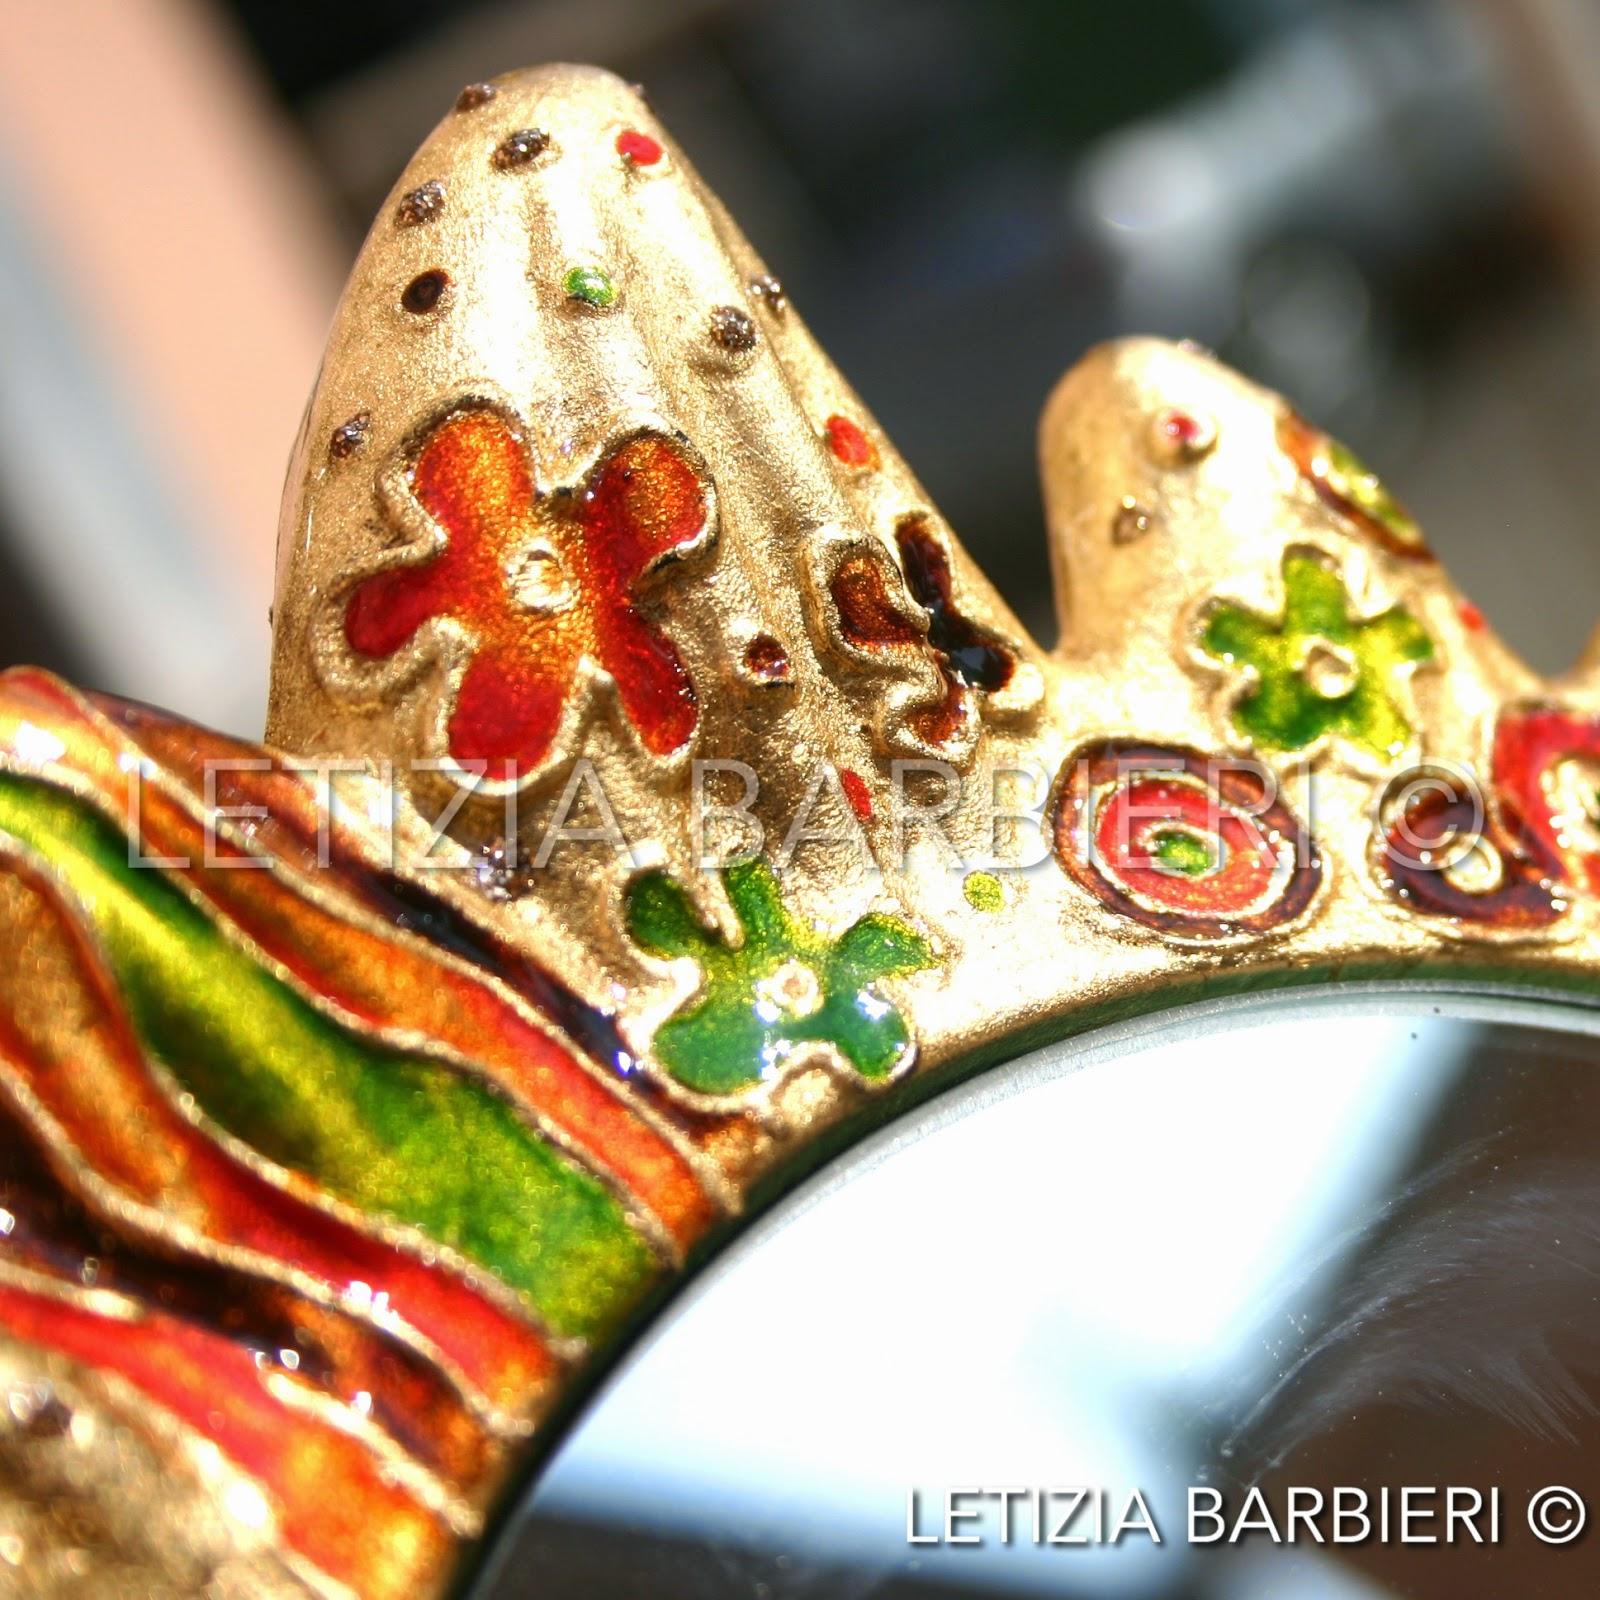 Forme Di Specchi Particolari.Letizia Barbieri Specchio In Stile Klimt Letizia Barbieri Per